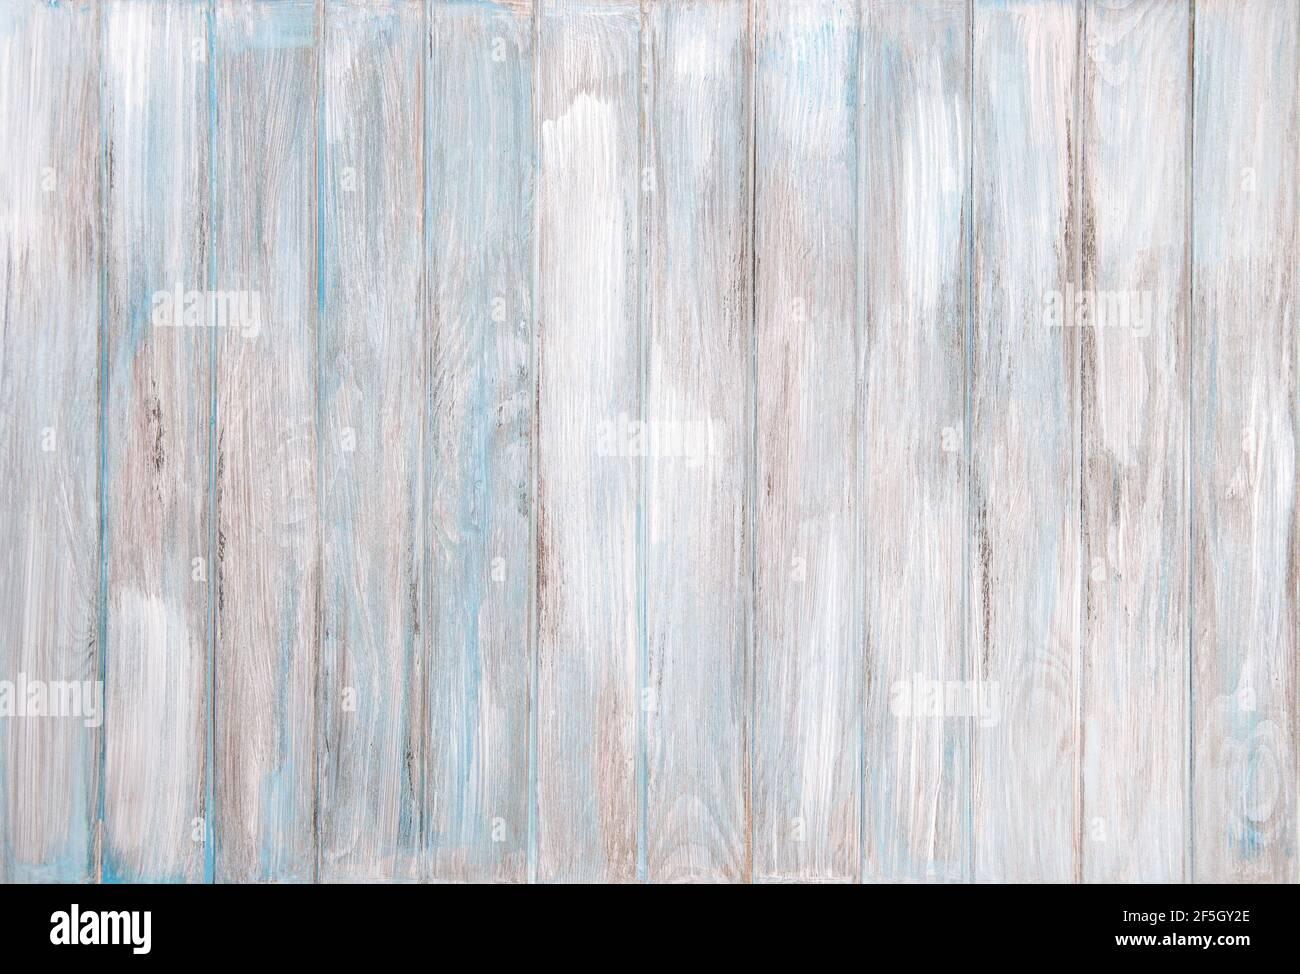 Blauer Holzhintergrund. Natürliche rustikale Holzstruktur Stockfoto